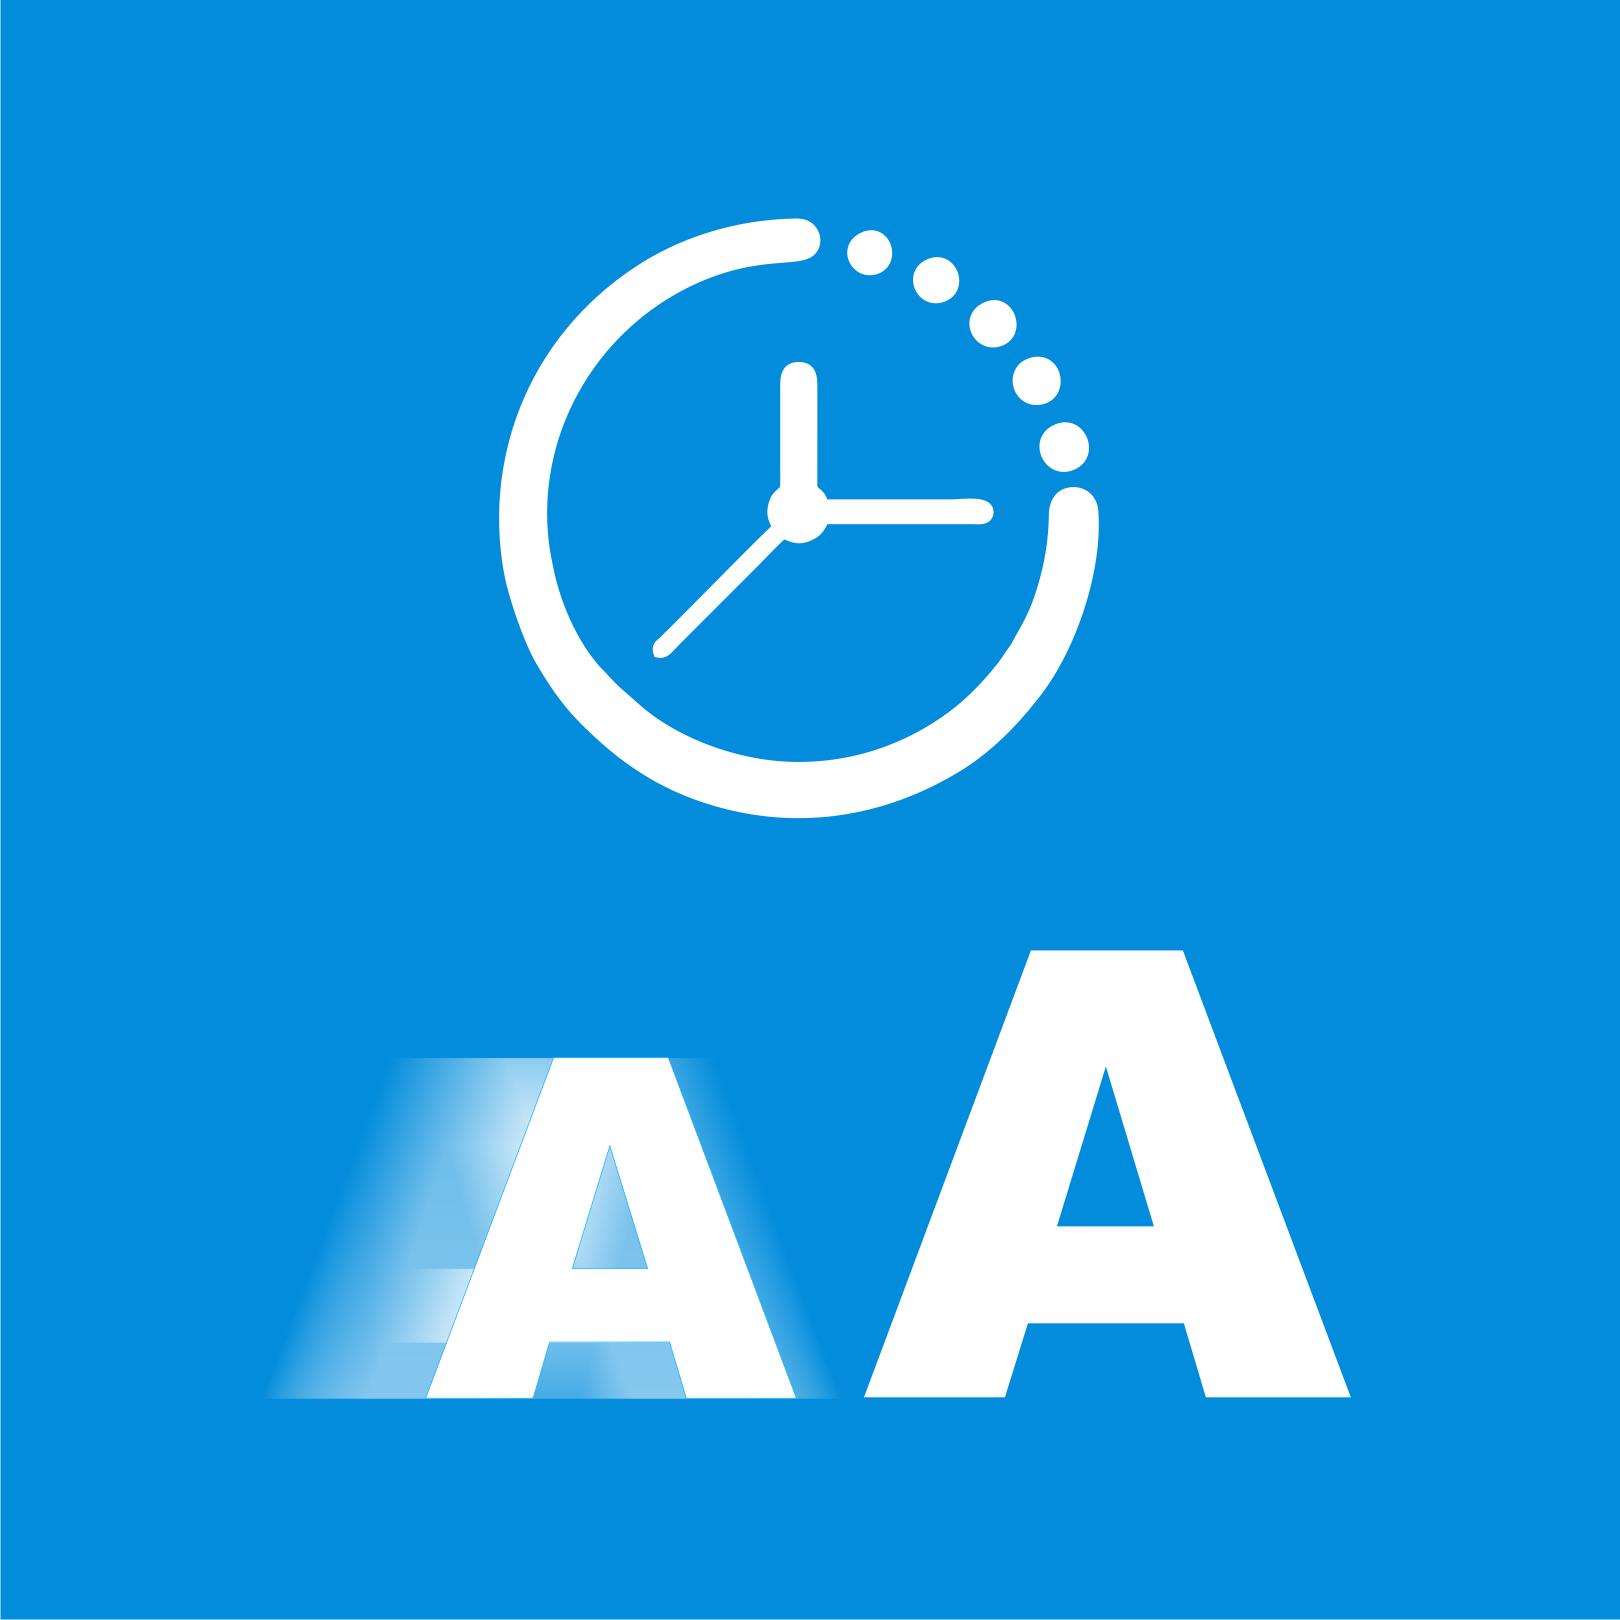 możliwości daje również opcja wyświetlania wybranych informacji w zadanych godzinach.